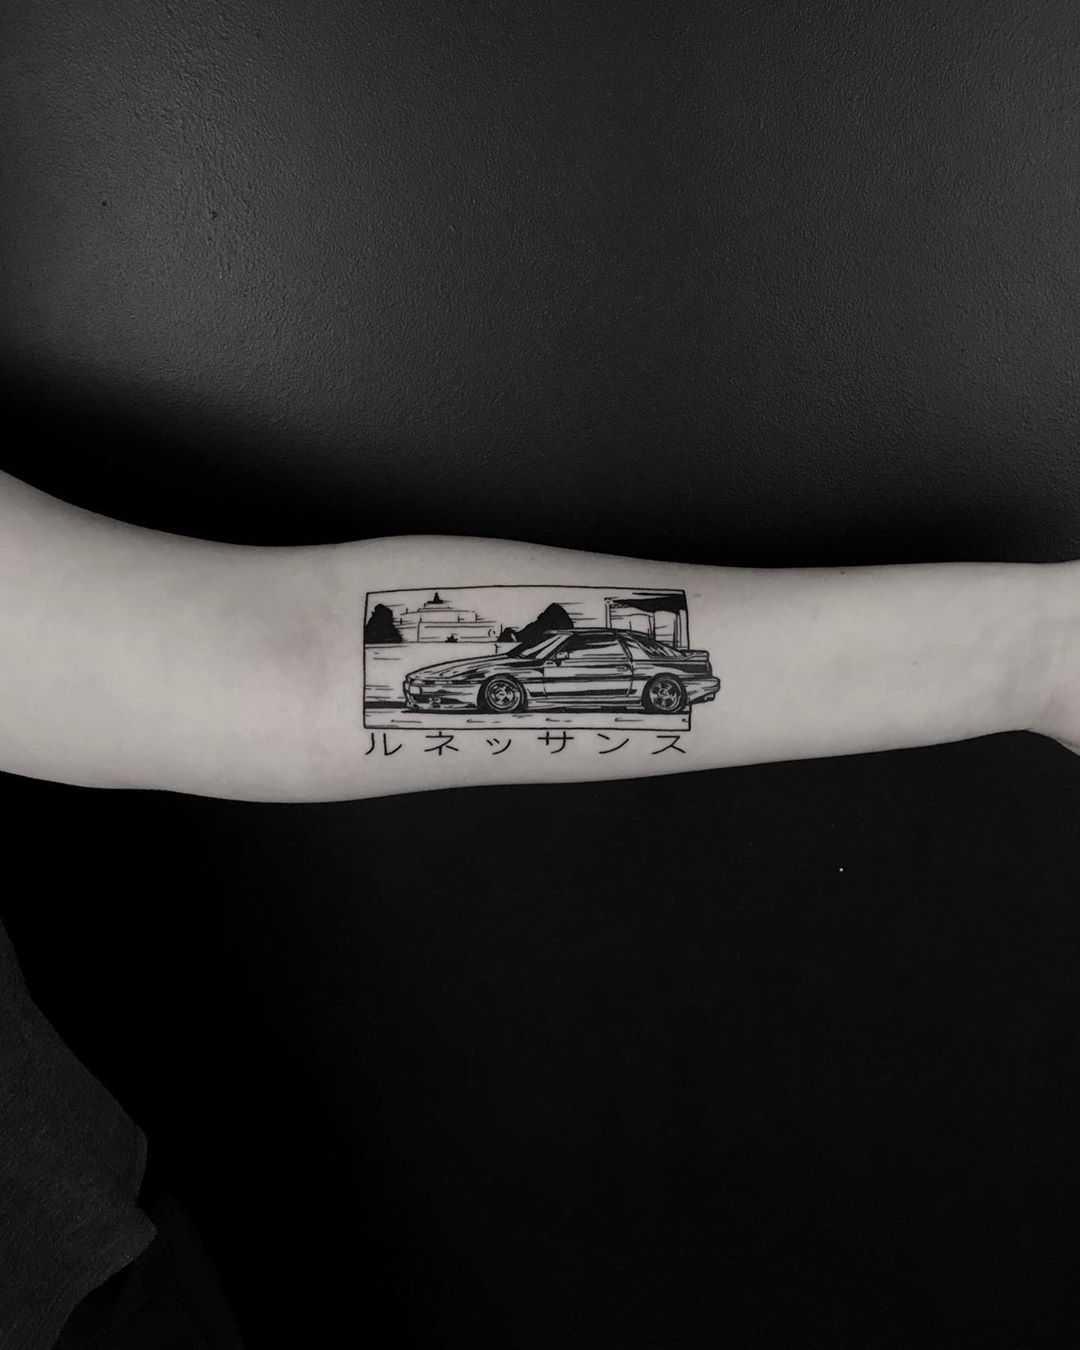 JZA70 Supra tattoo by Krzysztof Szeszko - Tattoogrid.net